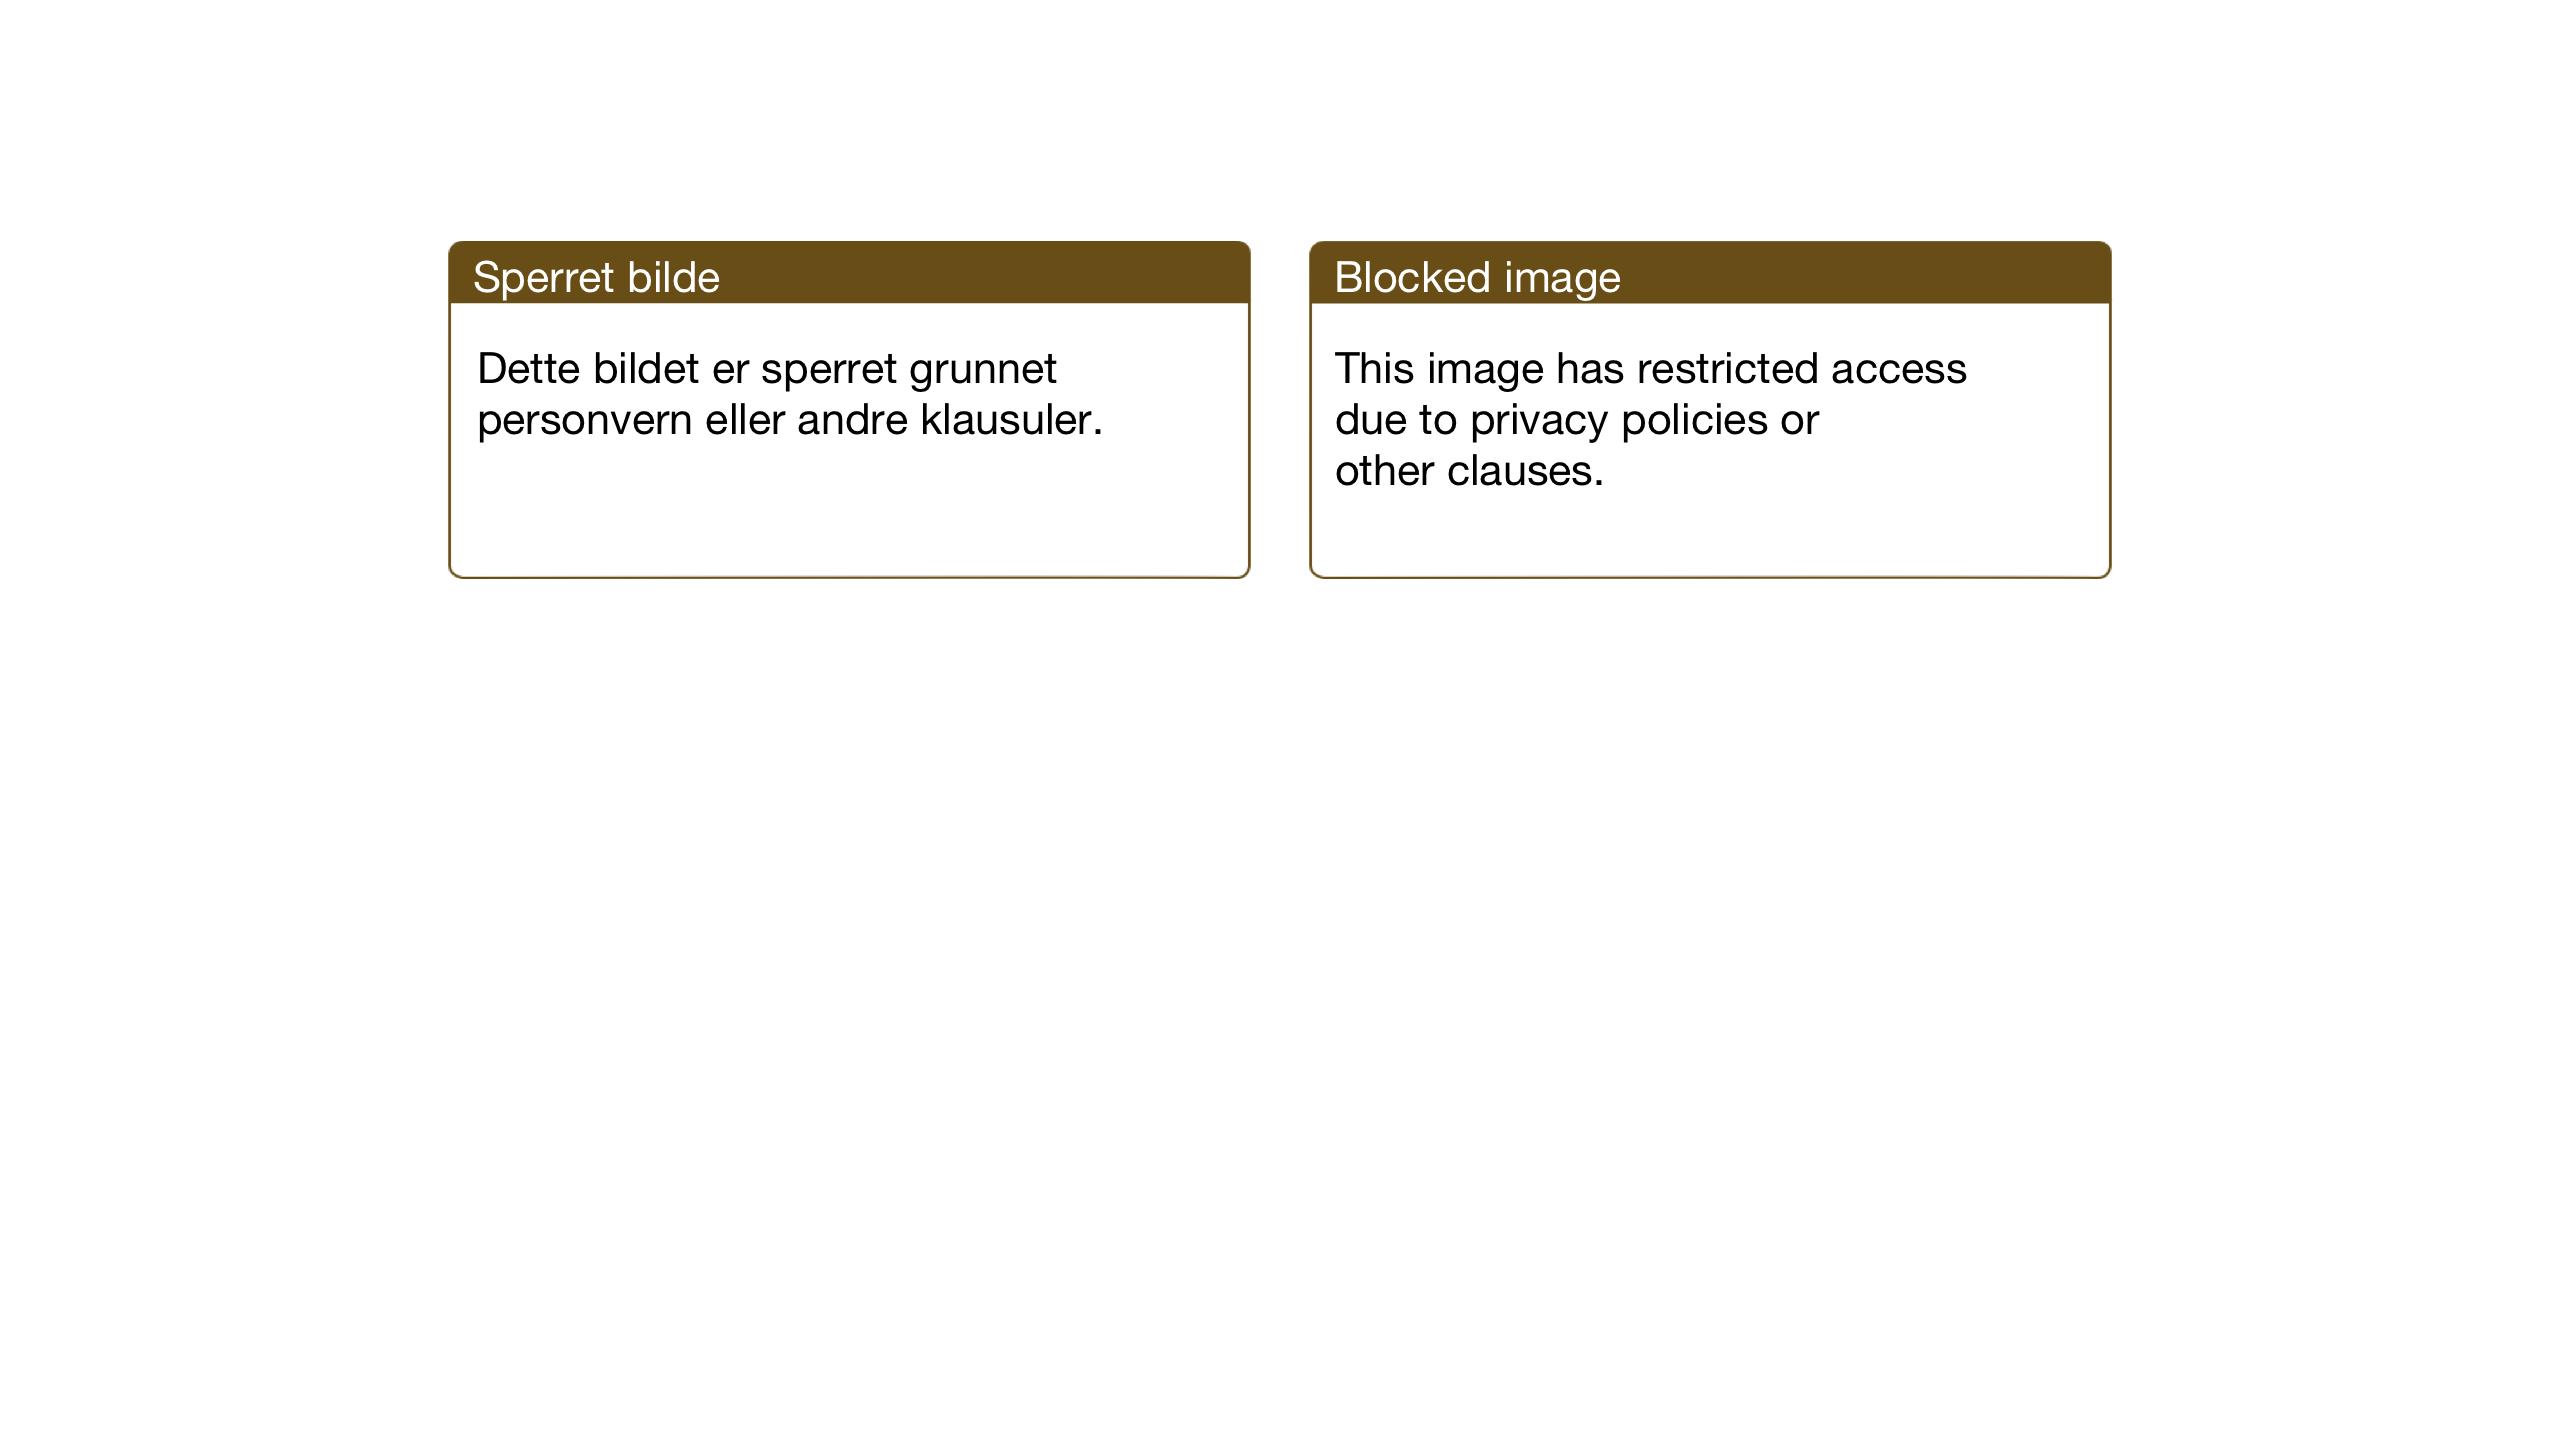 SAT, Ministerialprotokoller, klokkerbøker og fødselsregistre - Sør-Trøndelag, 681/L0944: Klokkerbok nr. 681C08, 1926-1954, s. 91